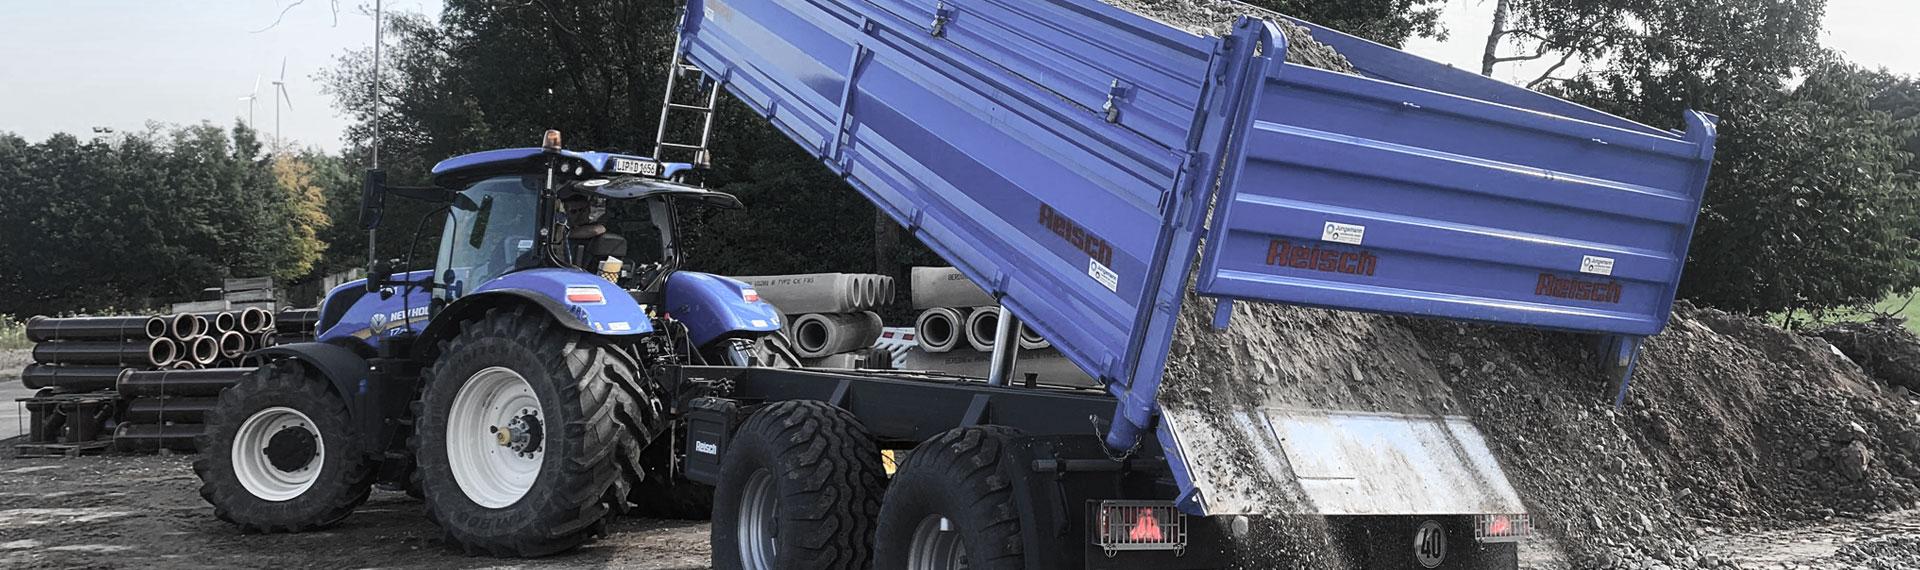 Niebieska wywrotka z zabudową ze stali Hardox®, rozładowująca ładunek skalny.